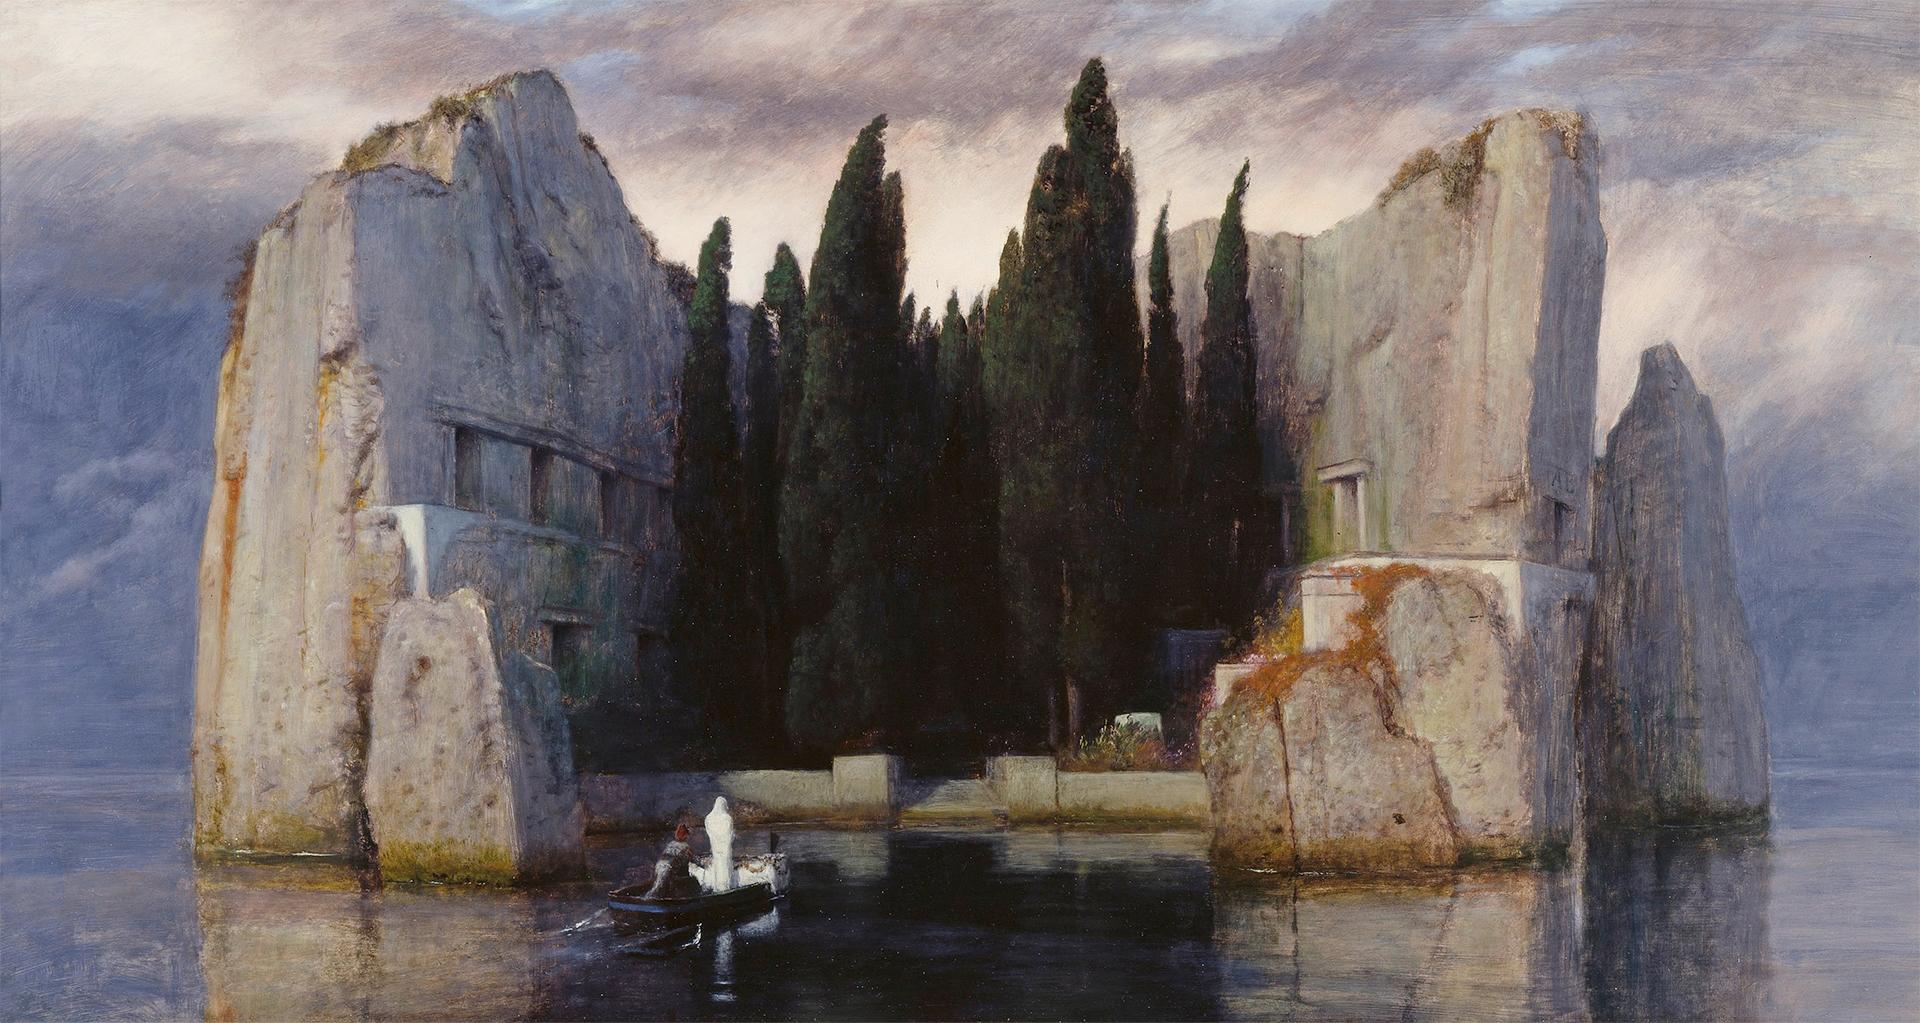 sle of the Dead / Wyspa Umarłych trzecia wersja obrazu